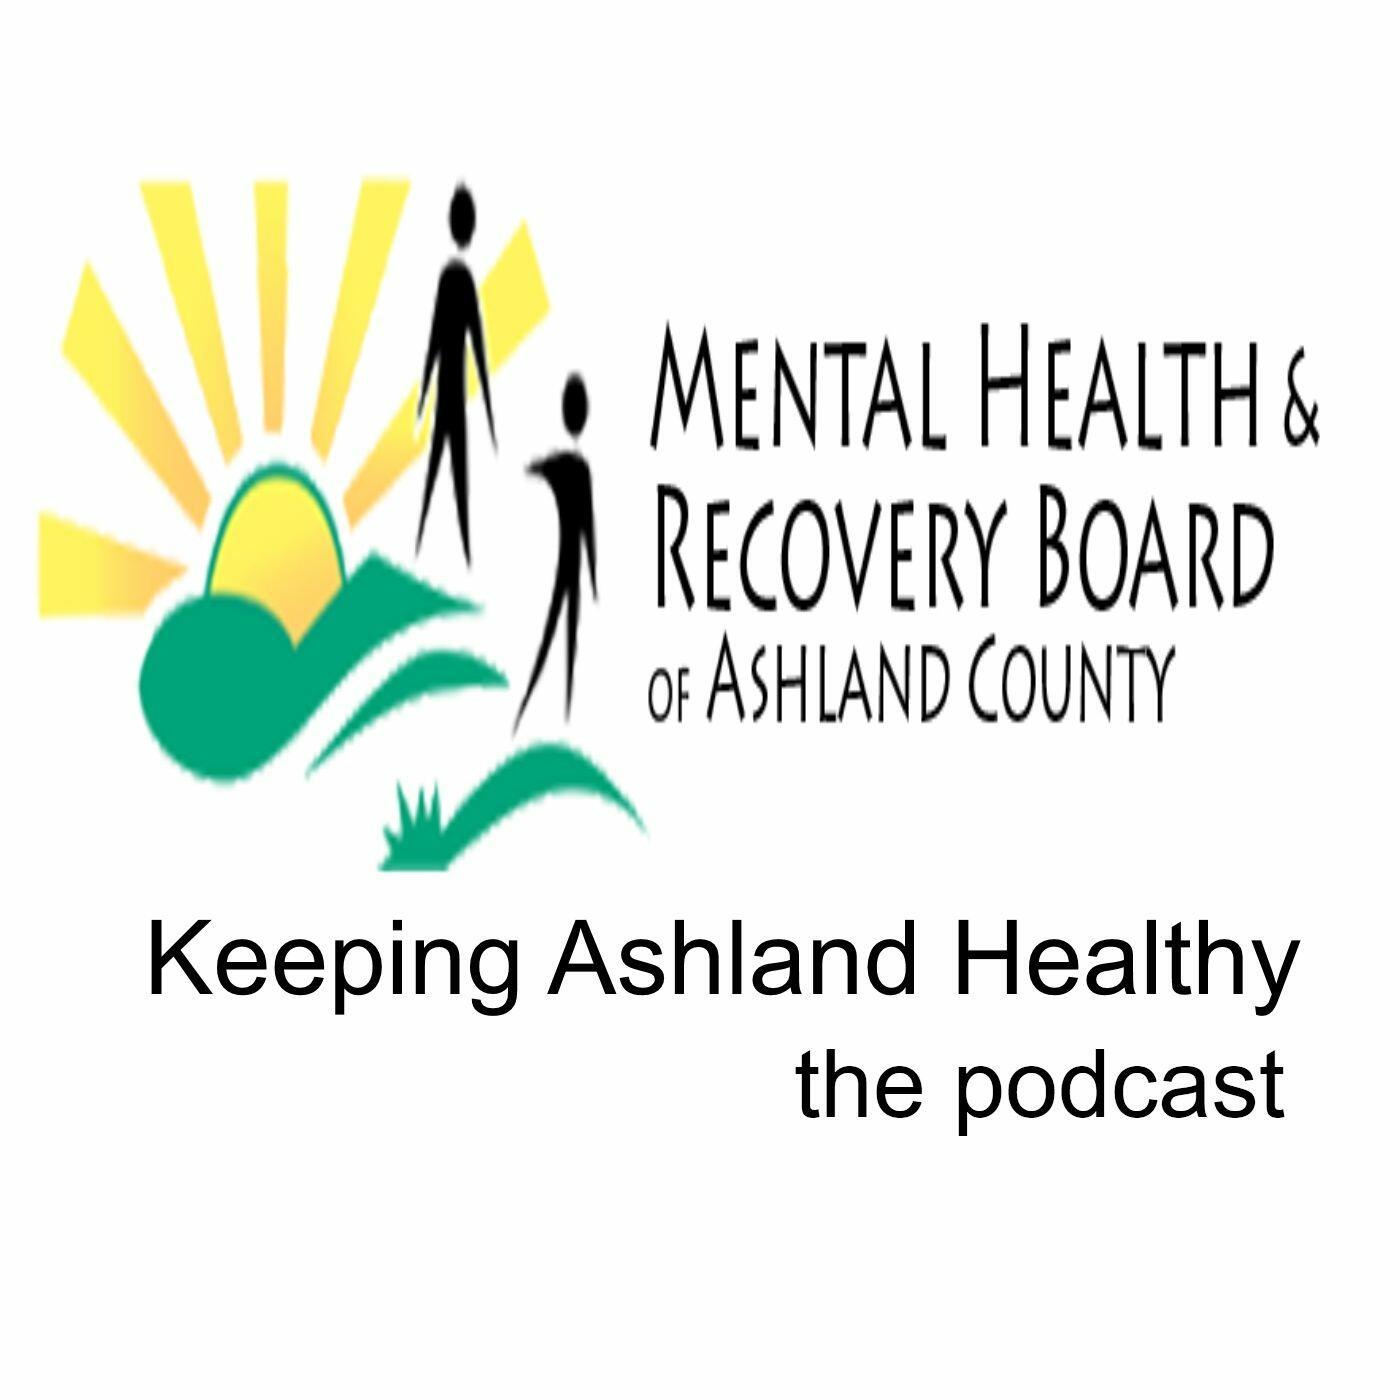 Keeping Ashland Healthy